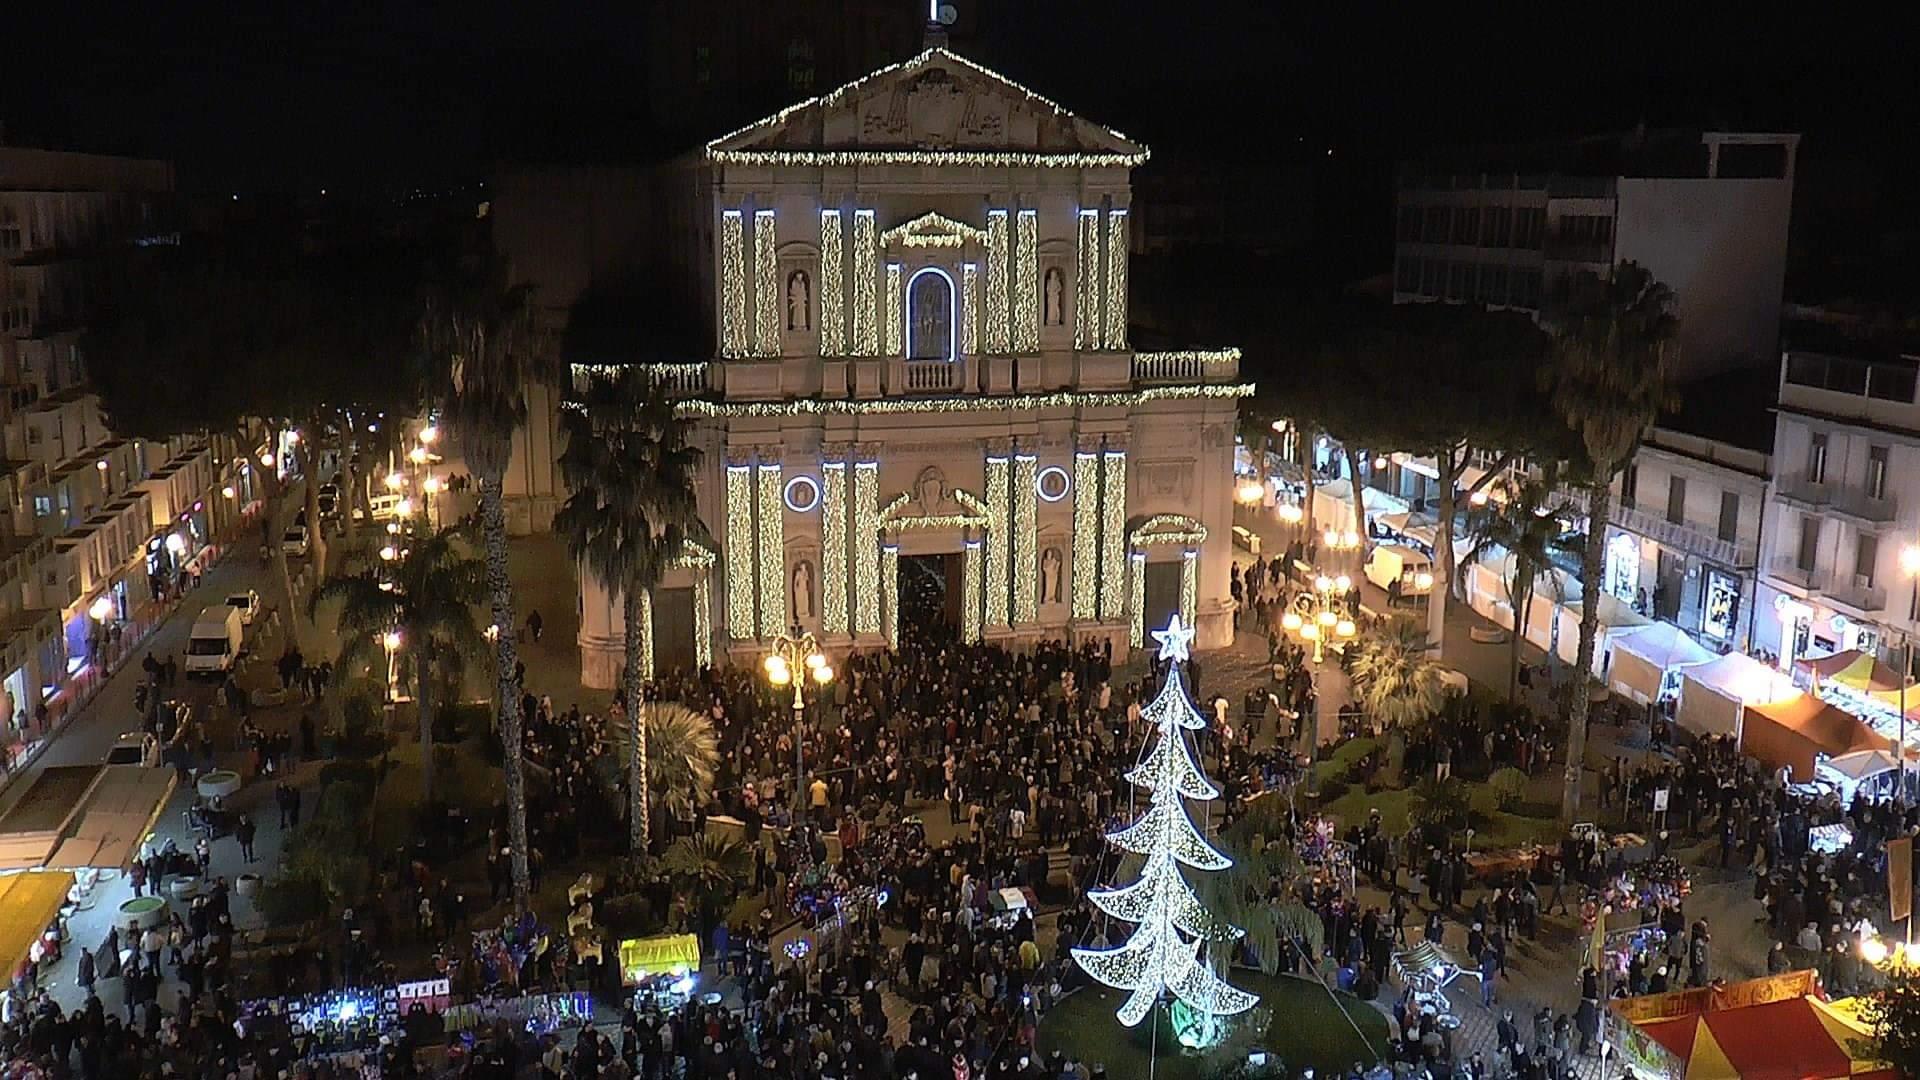 Barcellona PG. La Festa di San Sebastiano 2019. Grande folla in un evento fra religiosità e tradizione